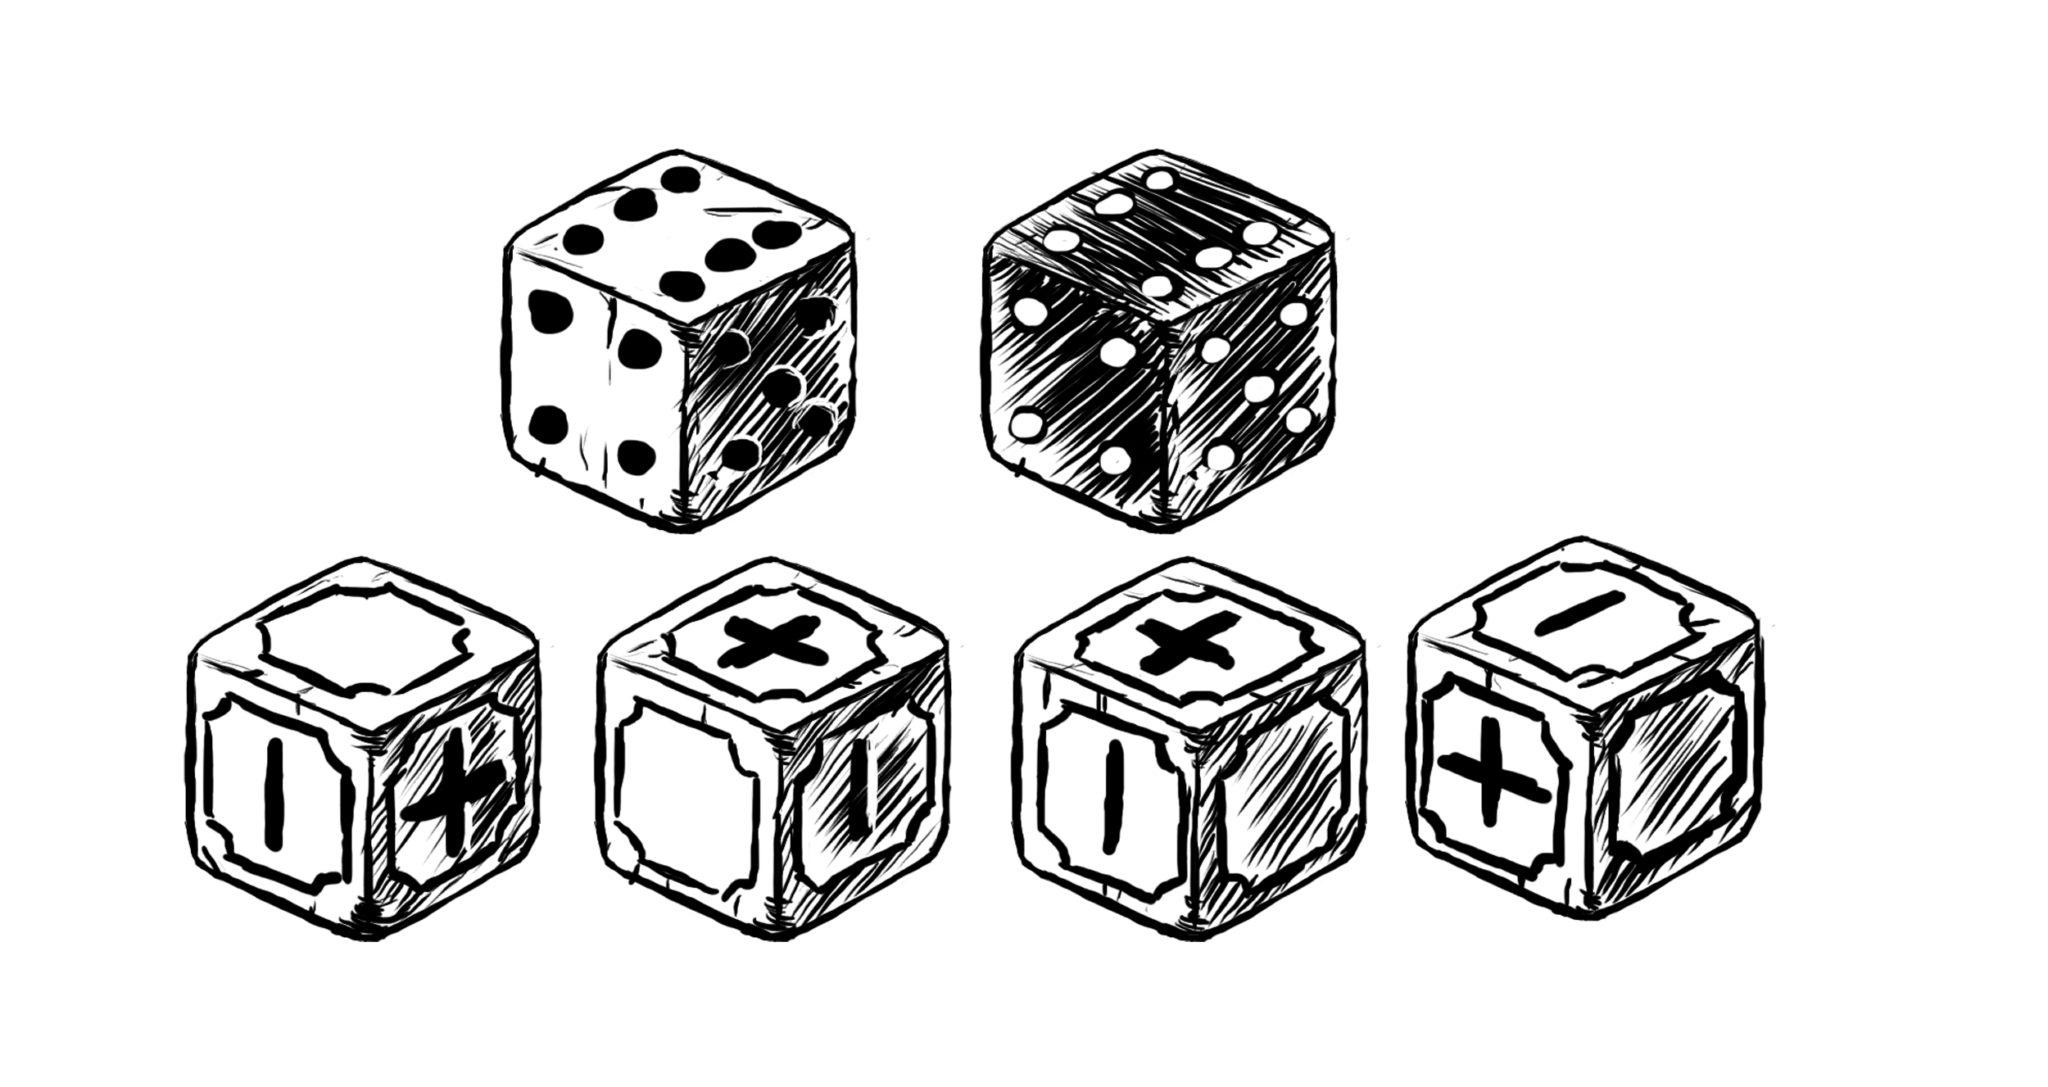 Entweder spielt man mit Fate-Würfeln, oder mit 2W6, von denen man einen vom anderen abzieht